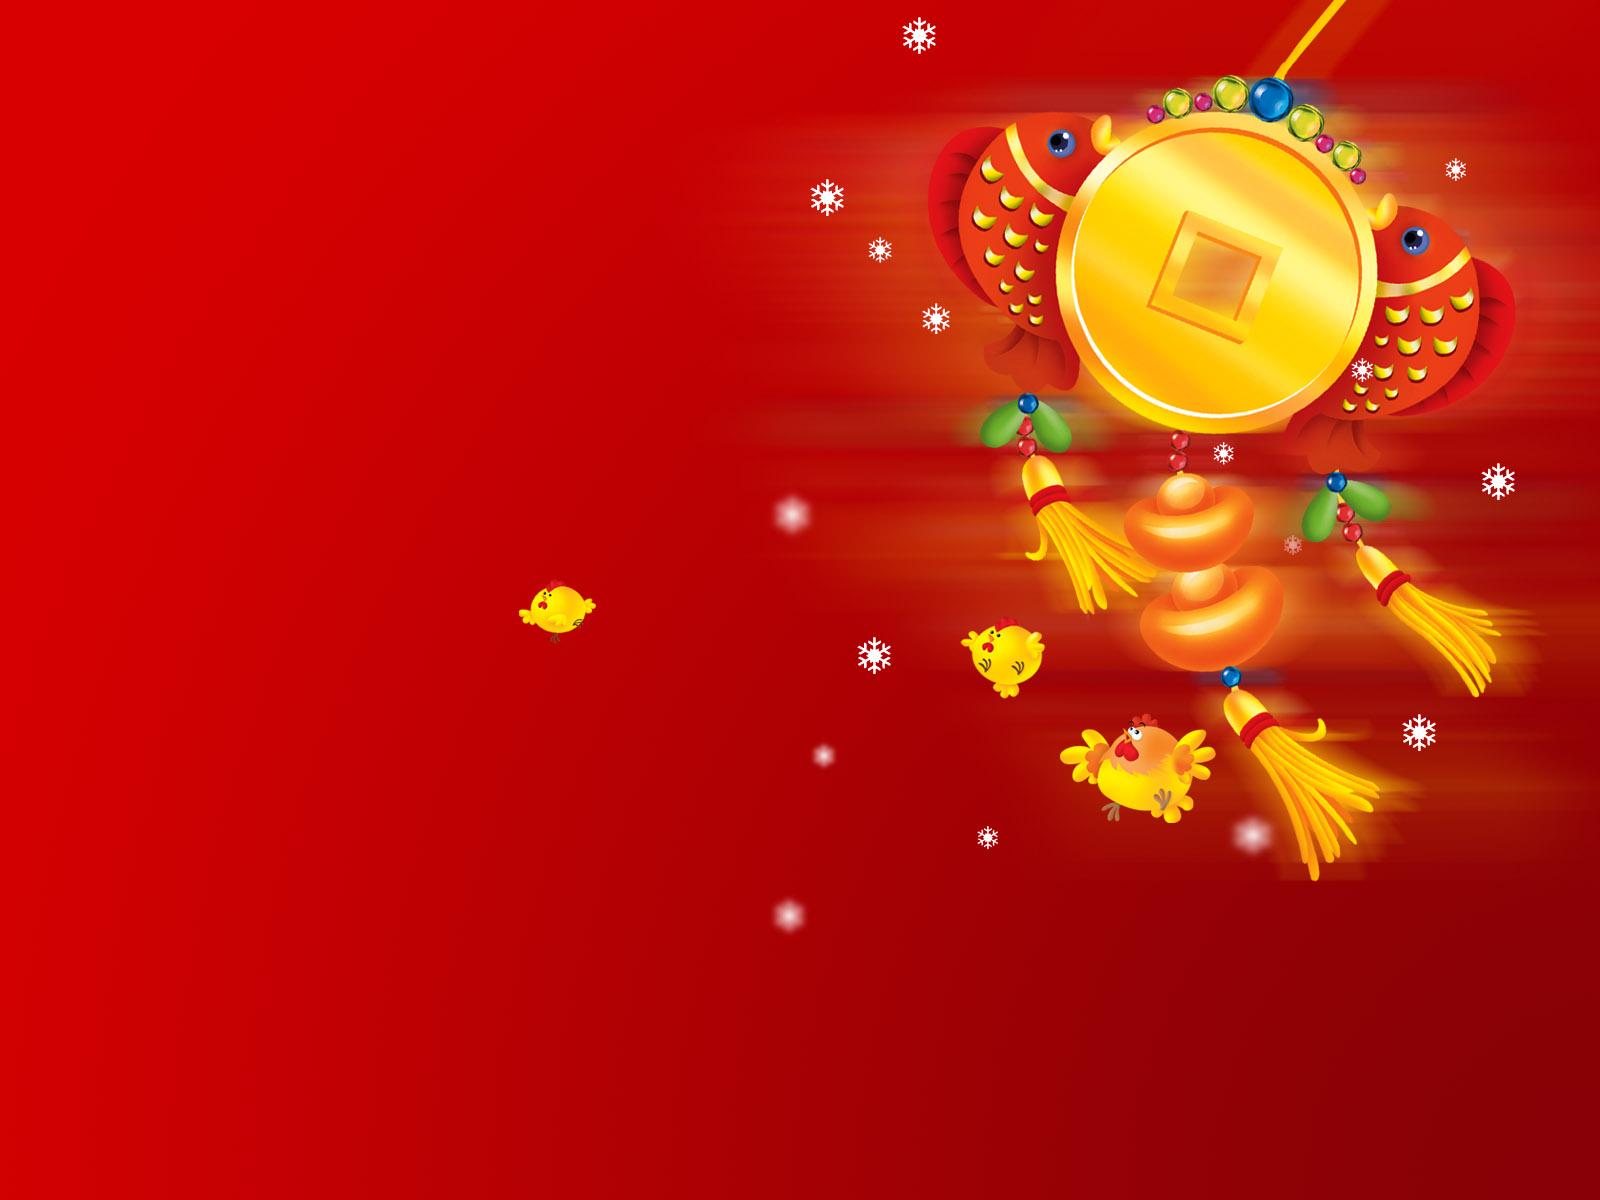 喜庆春节高清壁纸